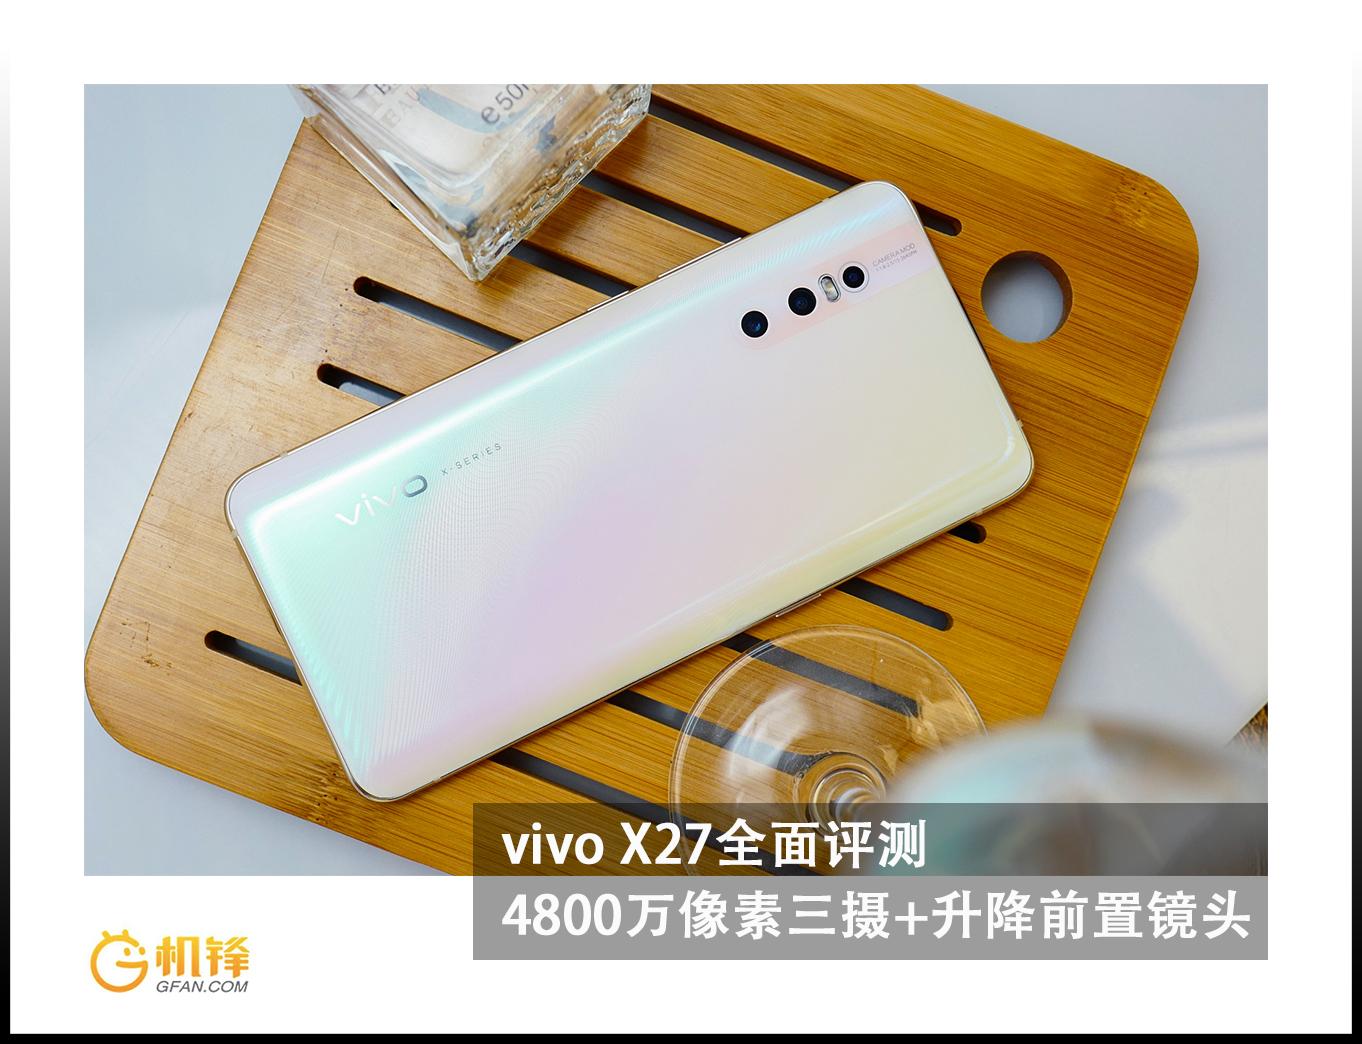 vivoX27评测 未来手机形态指日可待